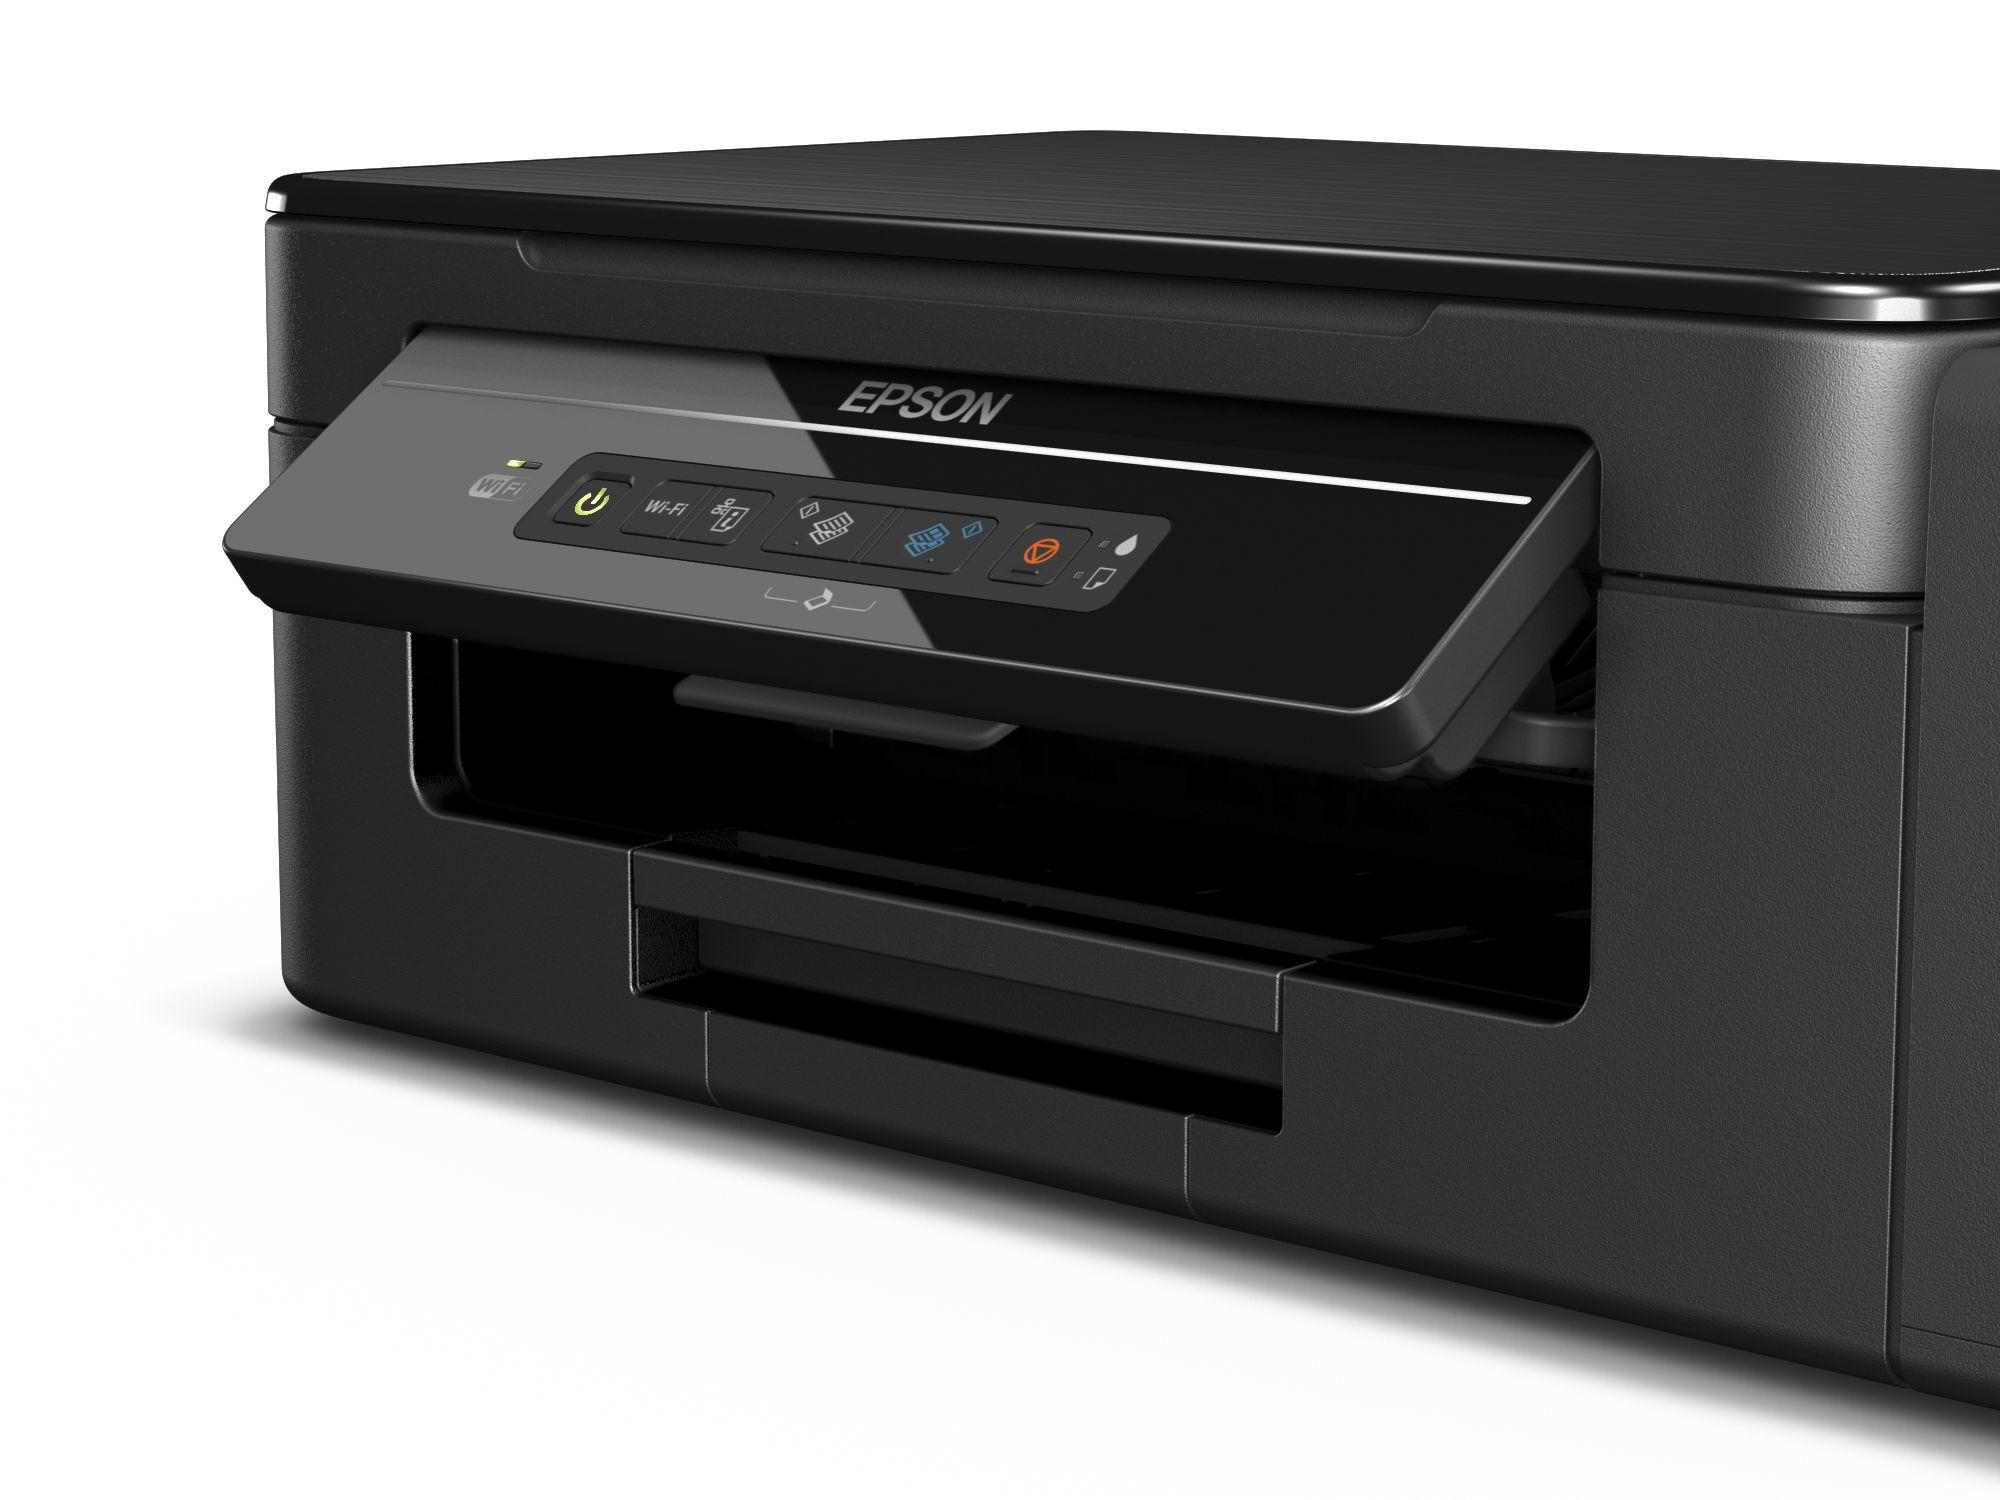 Epson all in one inkjet printer EcoTank ET 2600